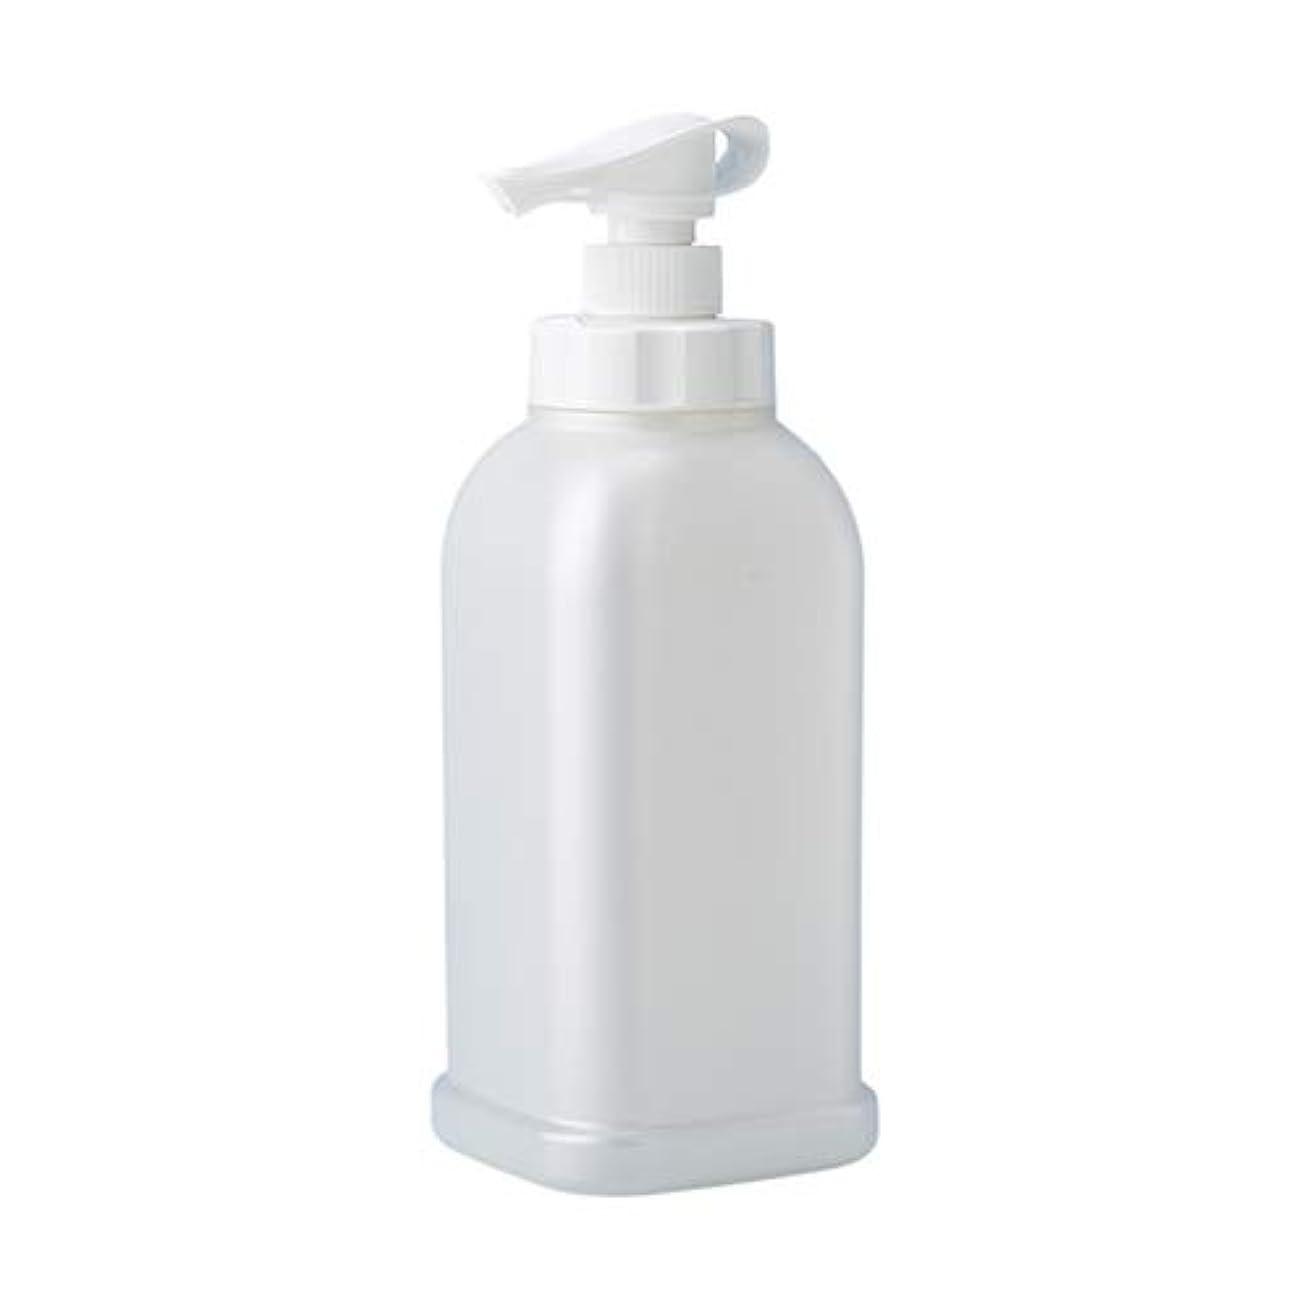 アイザック思われる明日安定感のある ポンプボトル シャンプー コンディショナー リンス ボディソープ ハンドソープ 1.2L詰め替え容器 パールホワイト